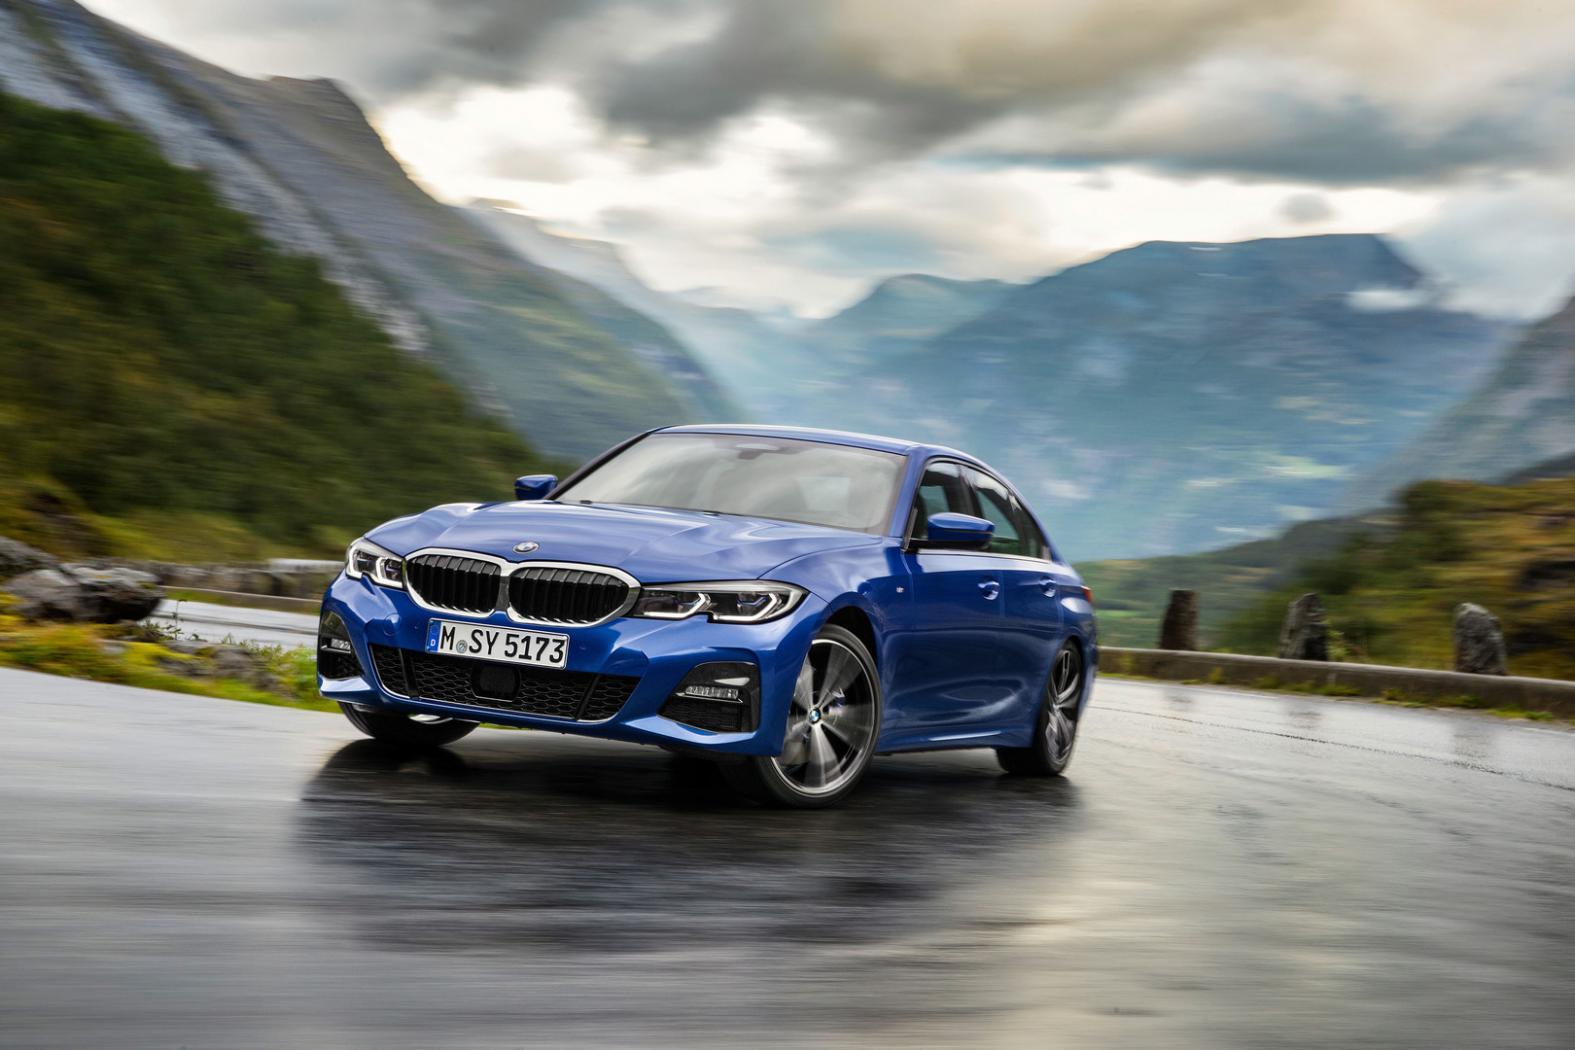 BMW-Serie-3--G20-une-nouvelle-generation-plus-sportive-et-mieux-equipee-9.jpeg